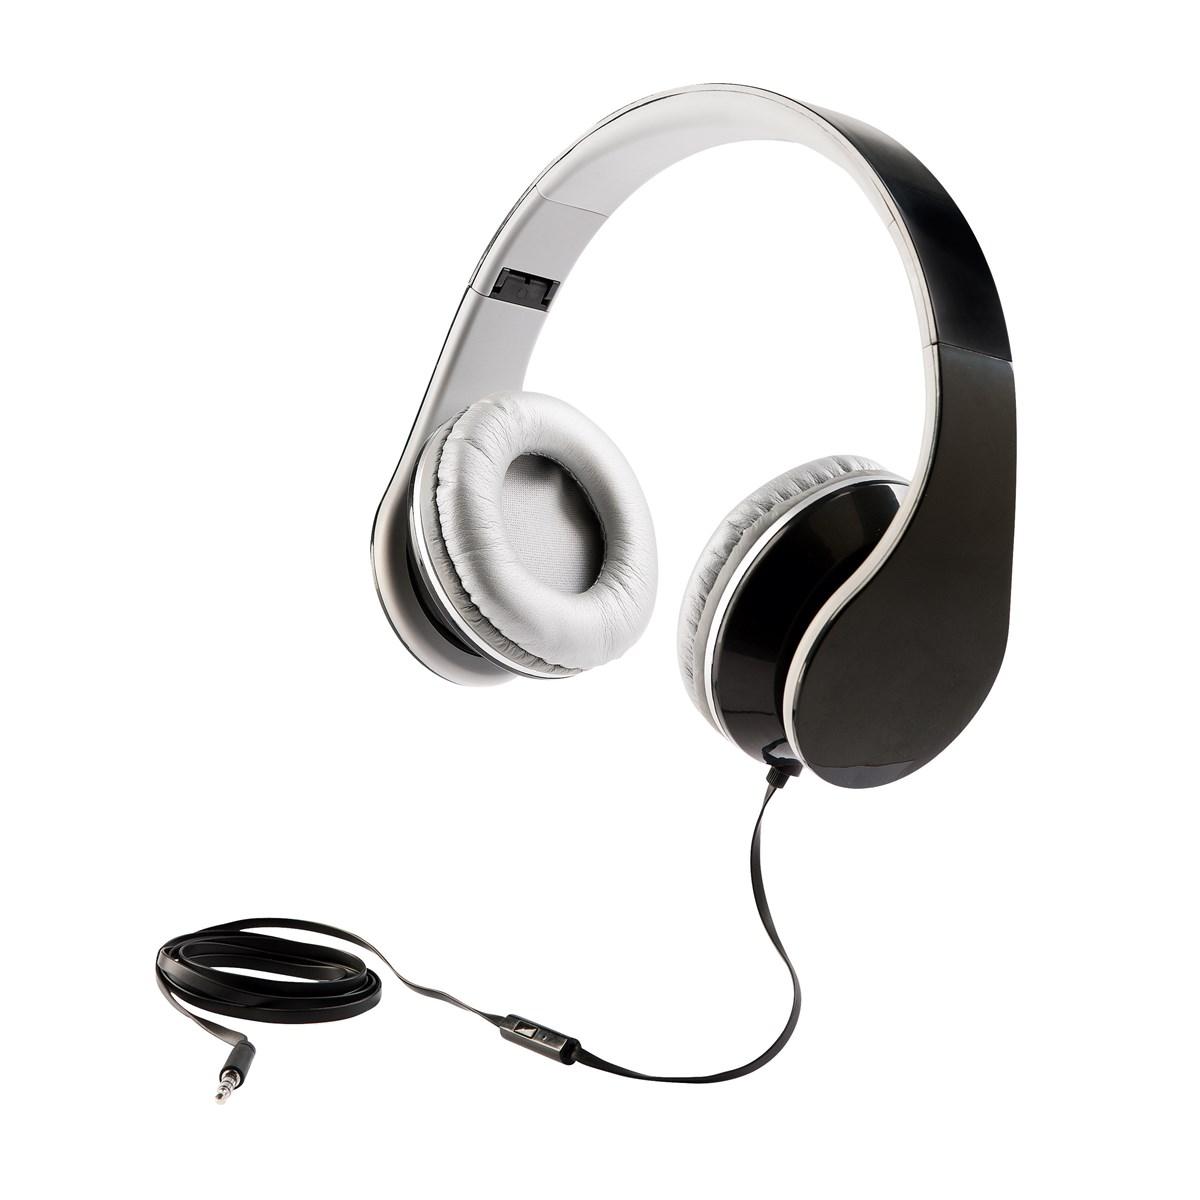 Casque stereo Hi-Fi en plastique noir